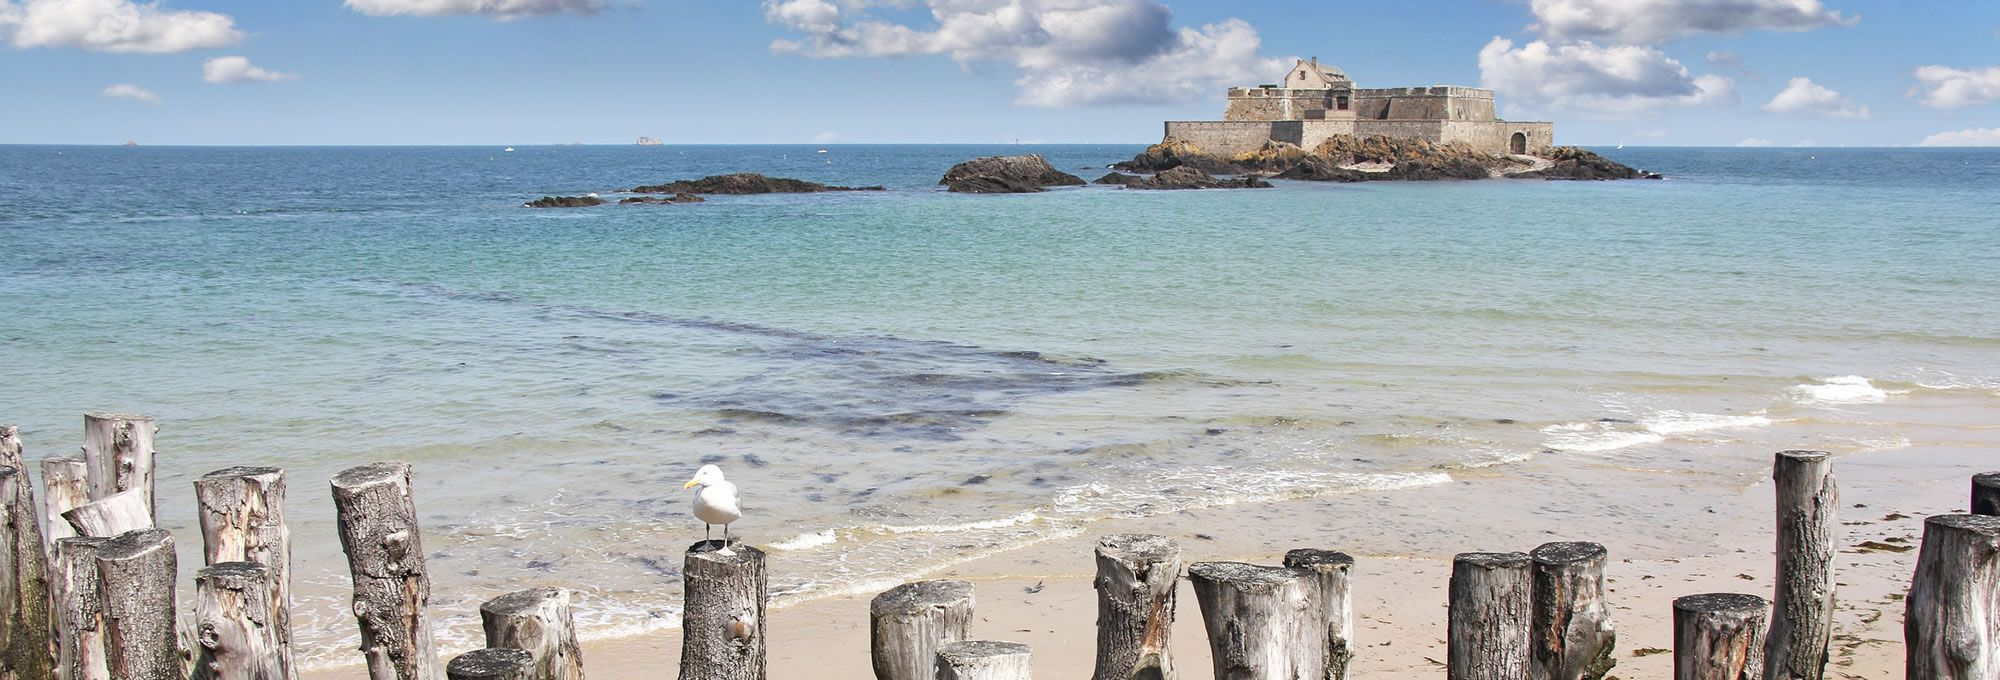 Le tourisme à Saint-Malo